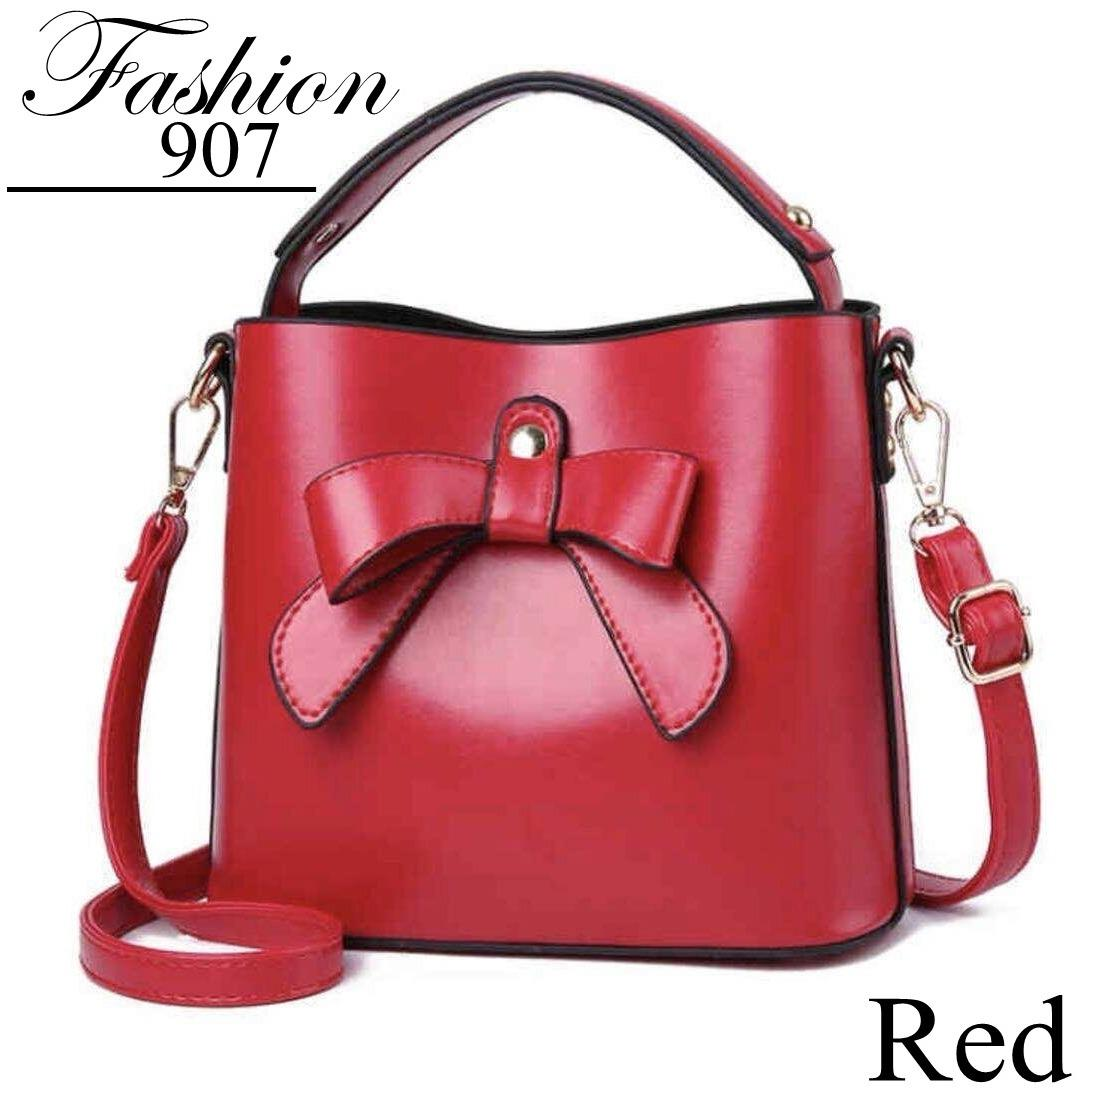 FASHION 907 - Tas Fashion Wanita Bag Import Branded - Supplier Grosir Tas Bag Ransel Selempang Dompet Murah Terbaru Berkualitas